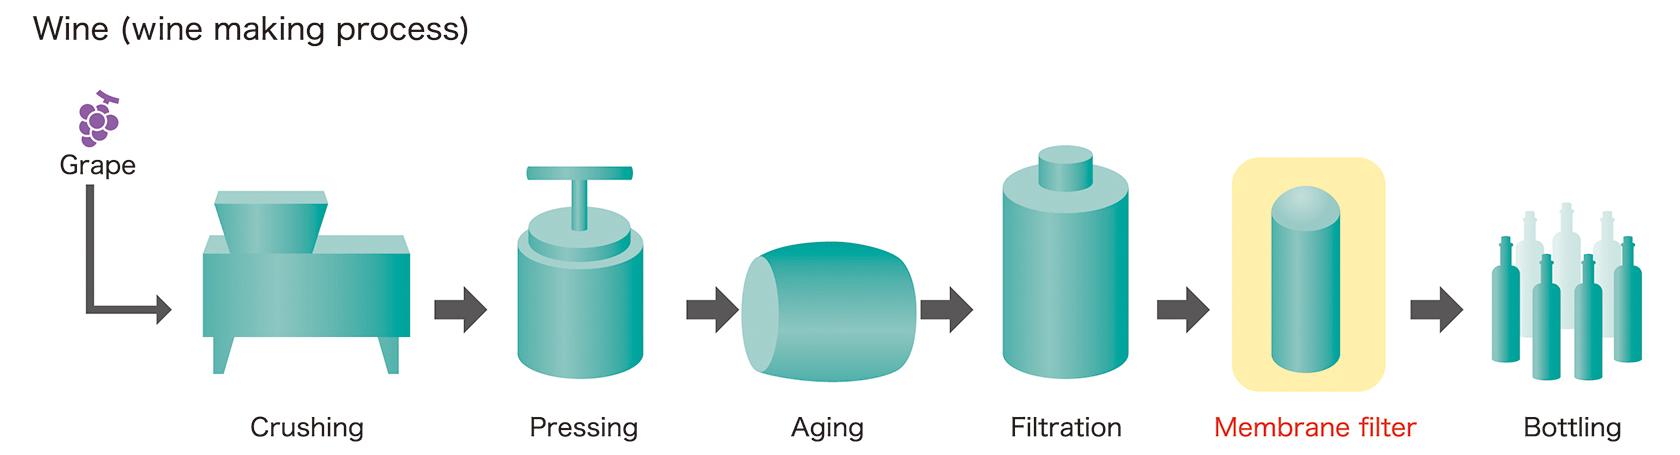 [image] Wine making process